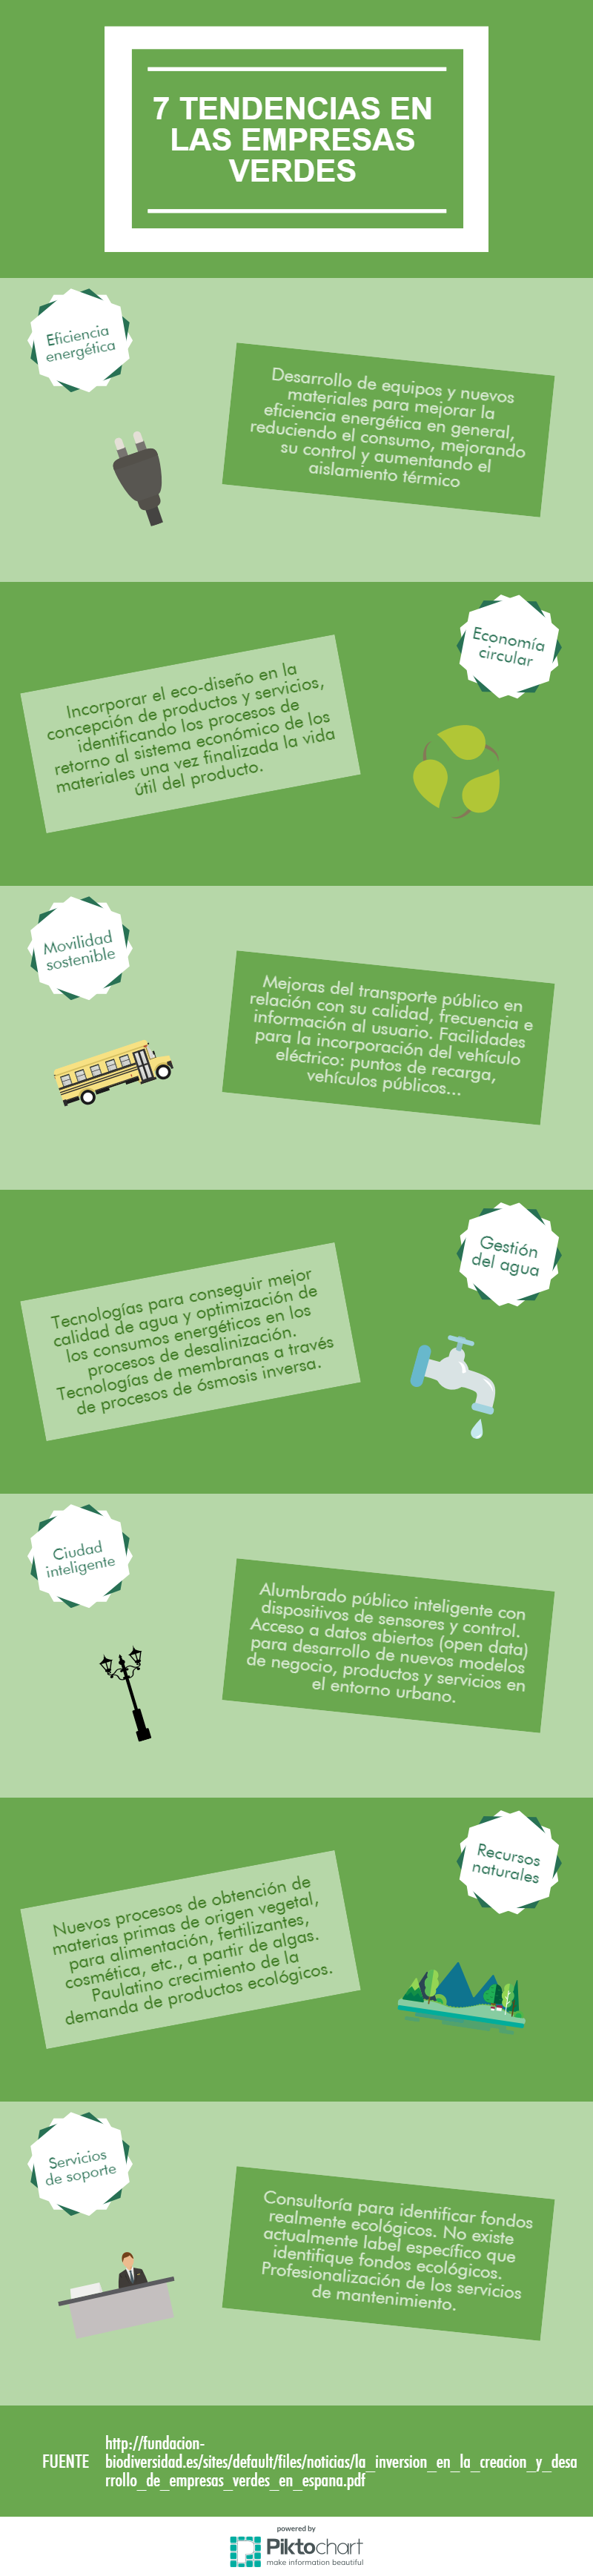 Esta es la infografía que hice para Ecomprende sobre 7 tendencias en las empresas verdes.